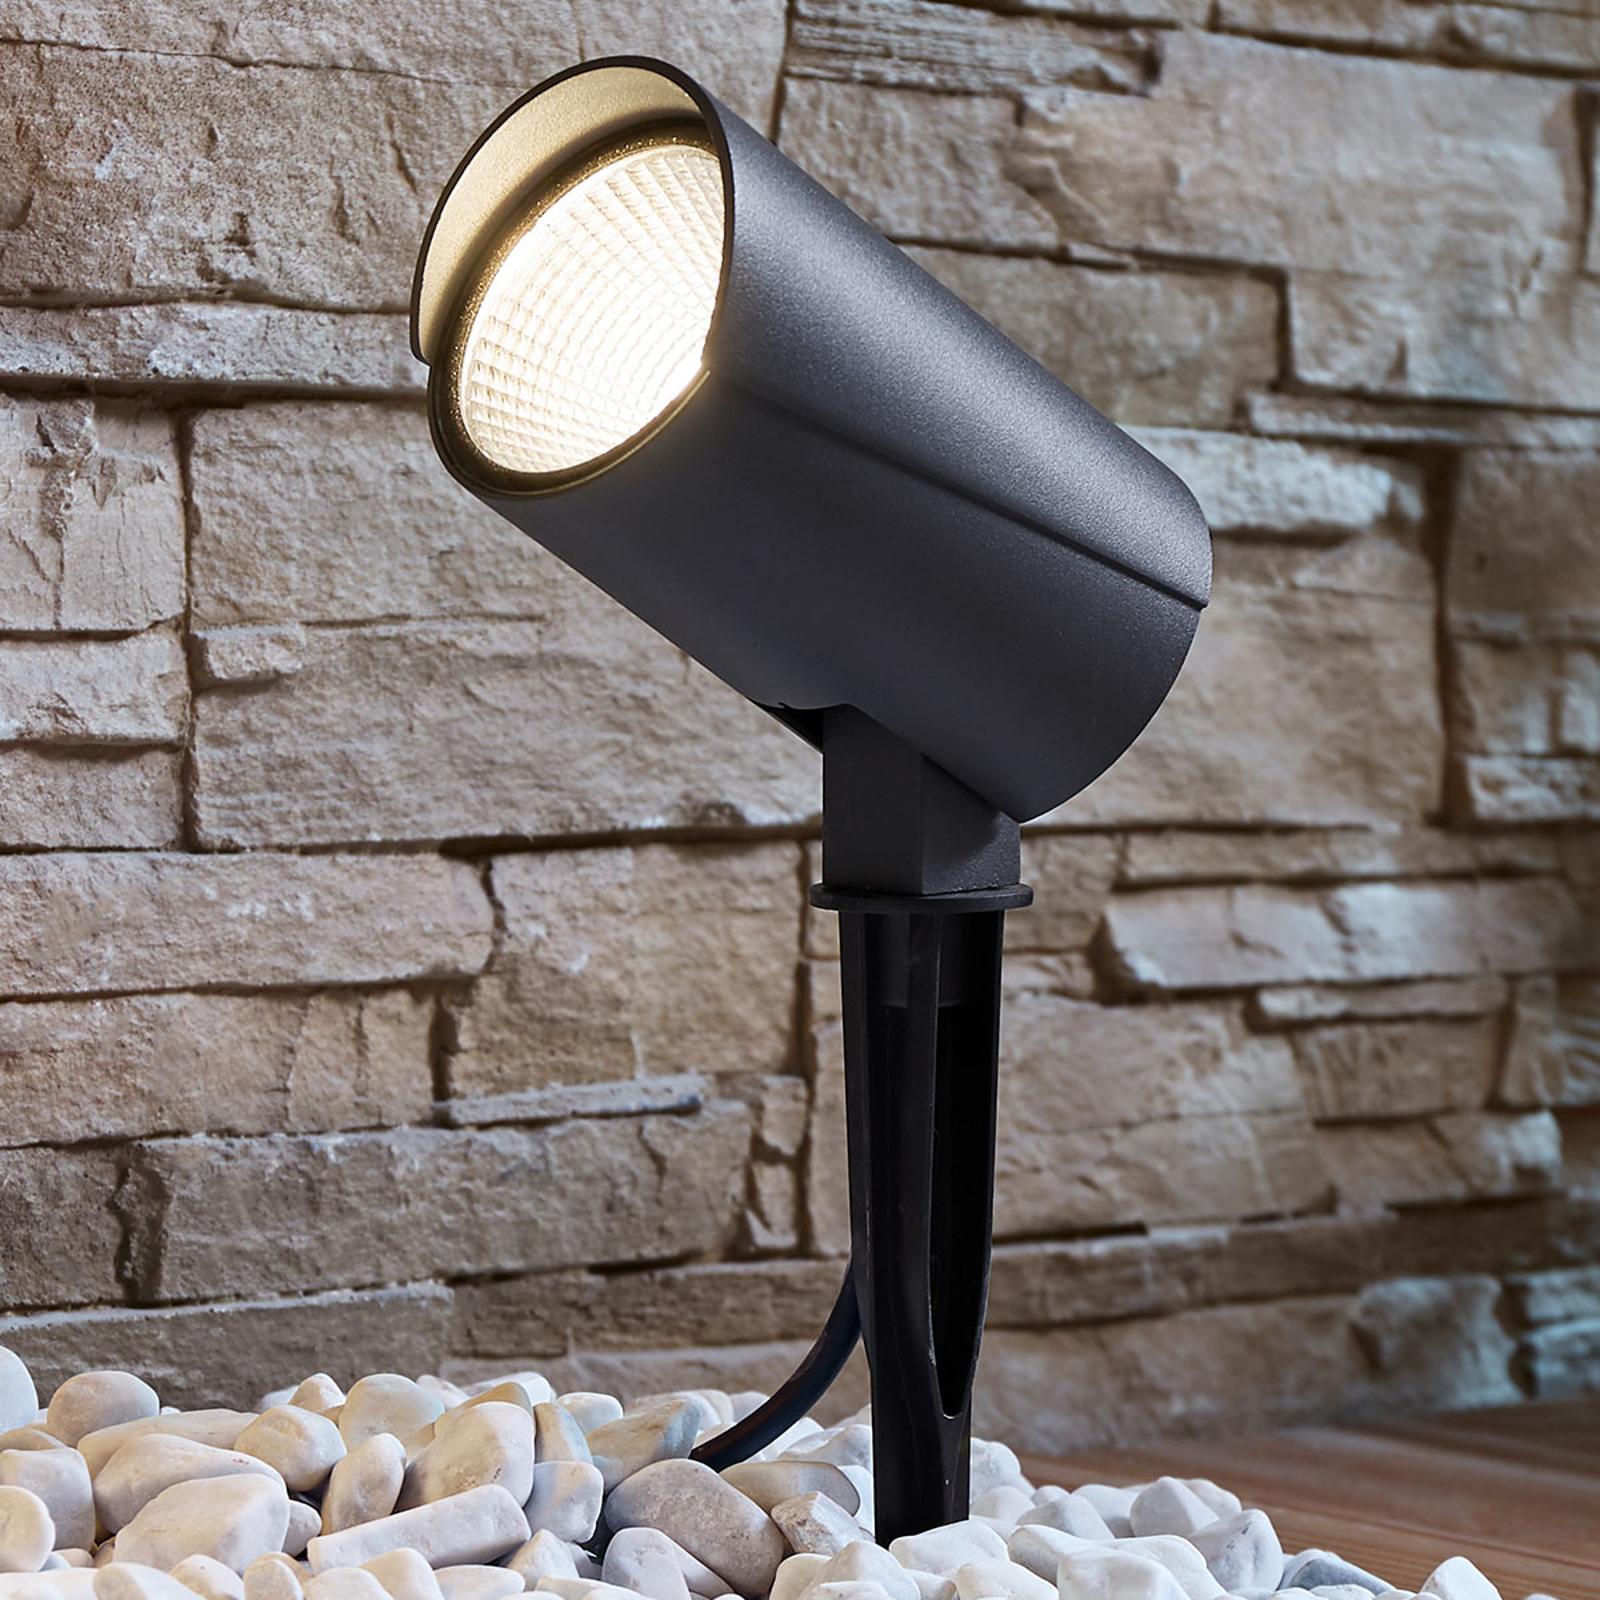 LED-kohdevalaisin ulos Anton, maapiikillä